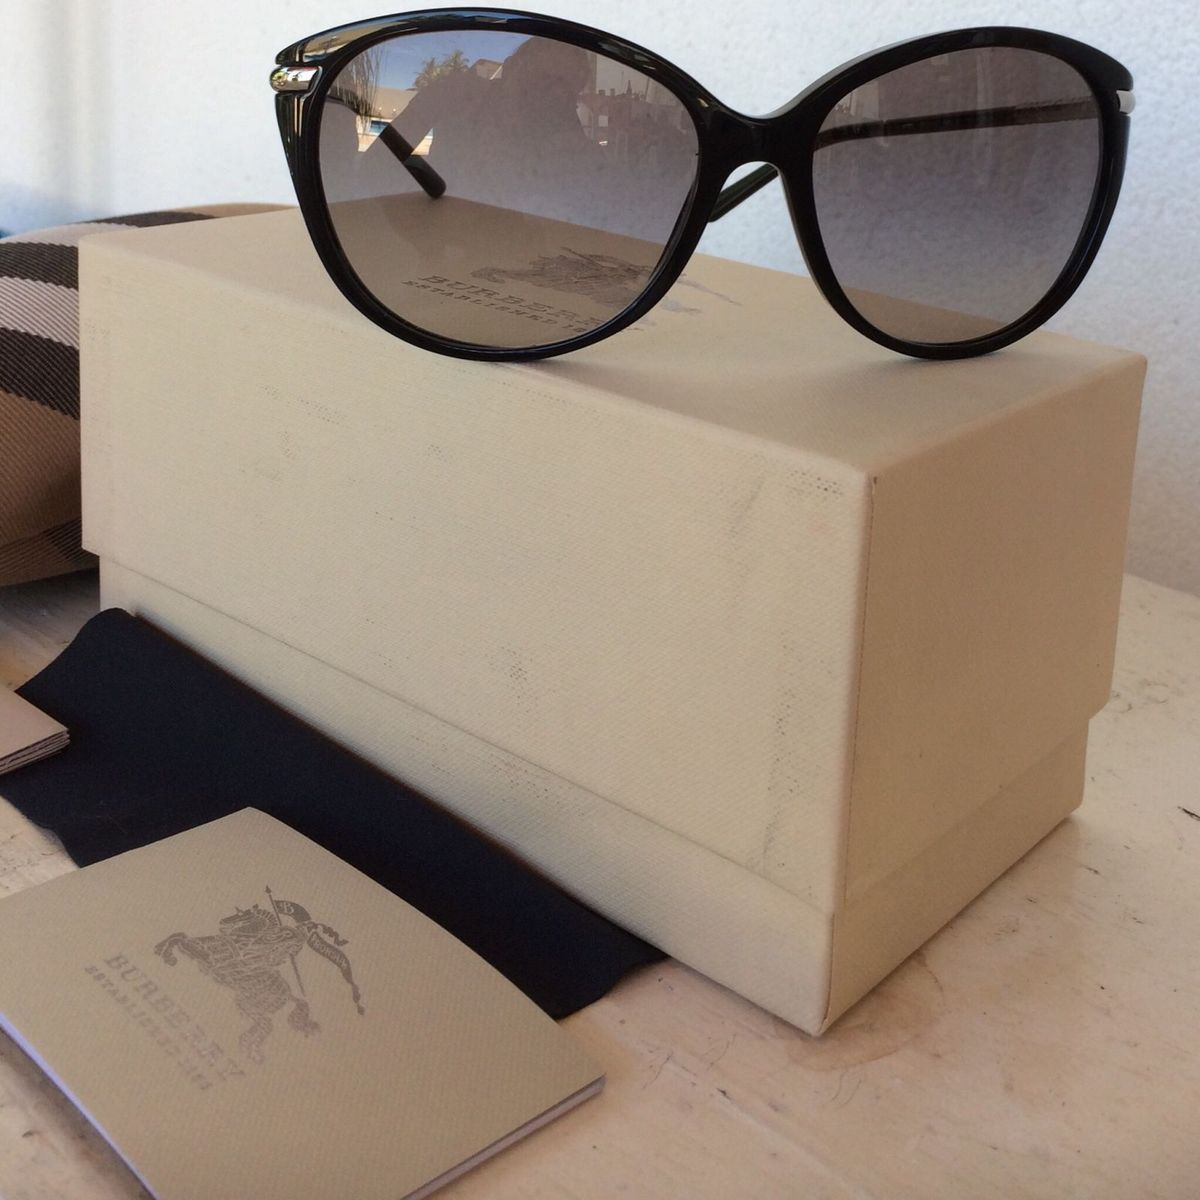 c17d25295 Óculos de Sol Burberry Lentes Degrade - Novo - Original